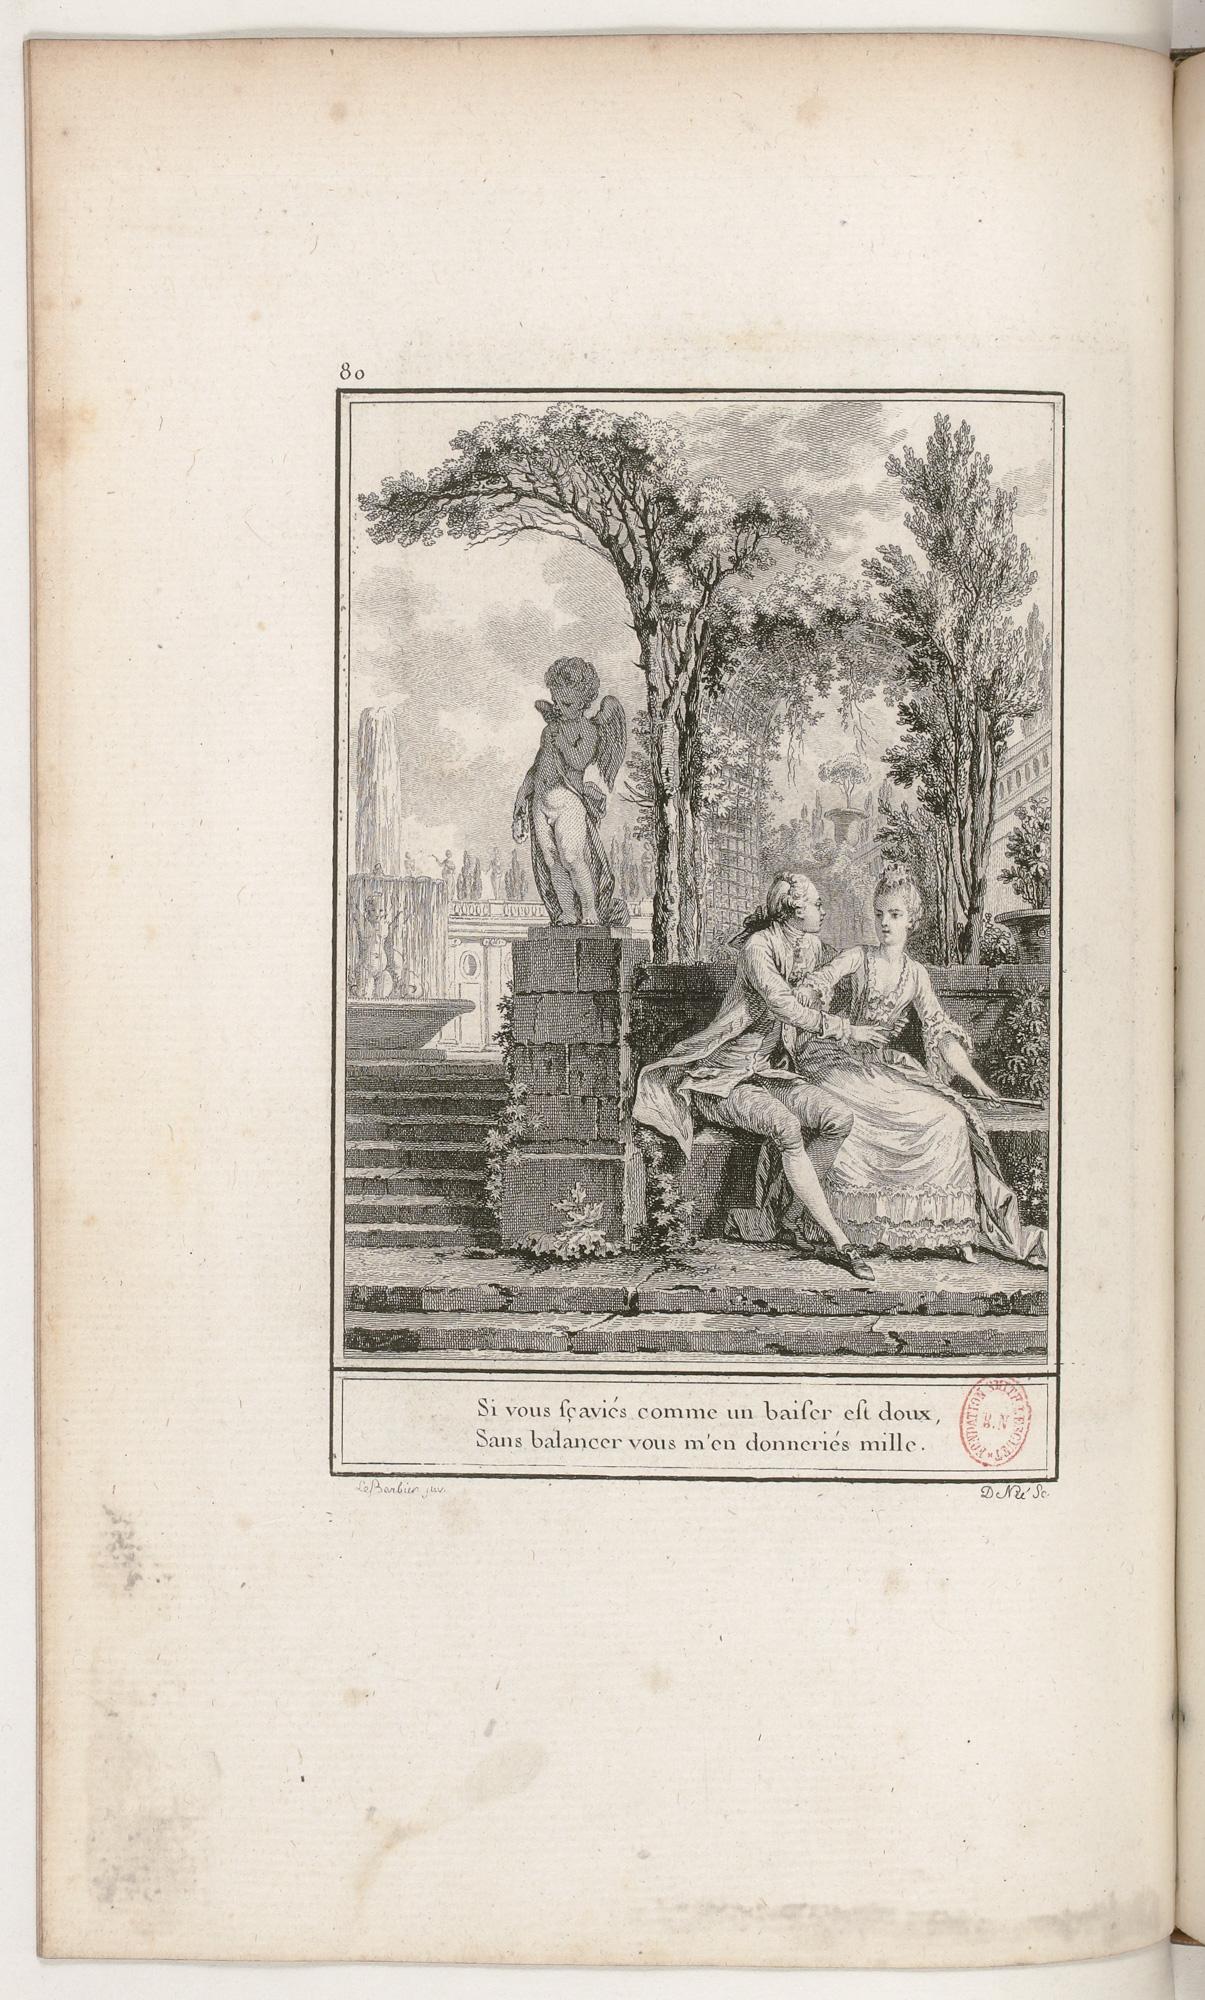 S.3.14 La valeur d'un baiser, 1772, Image